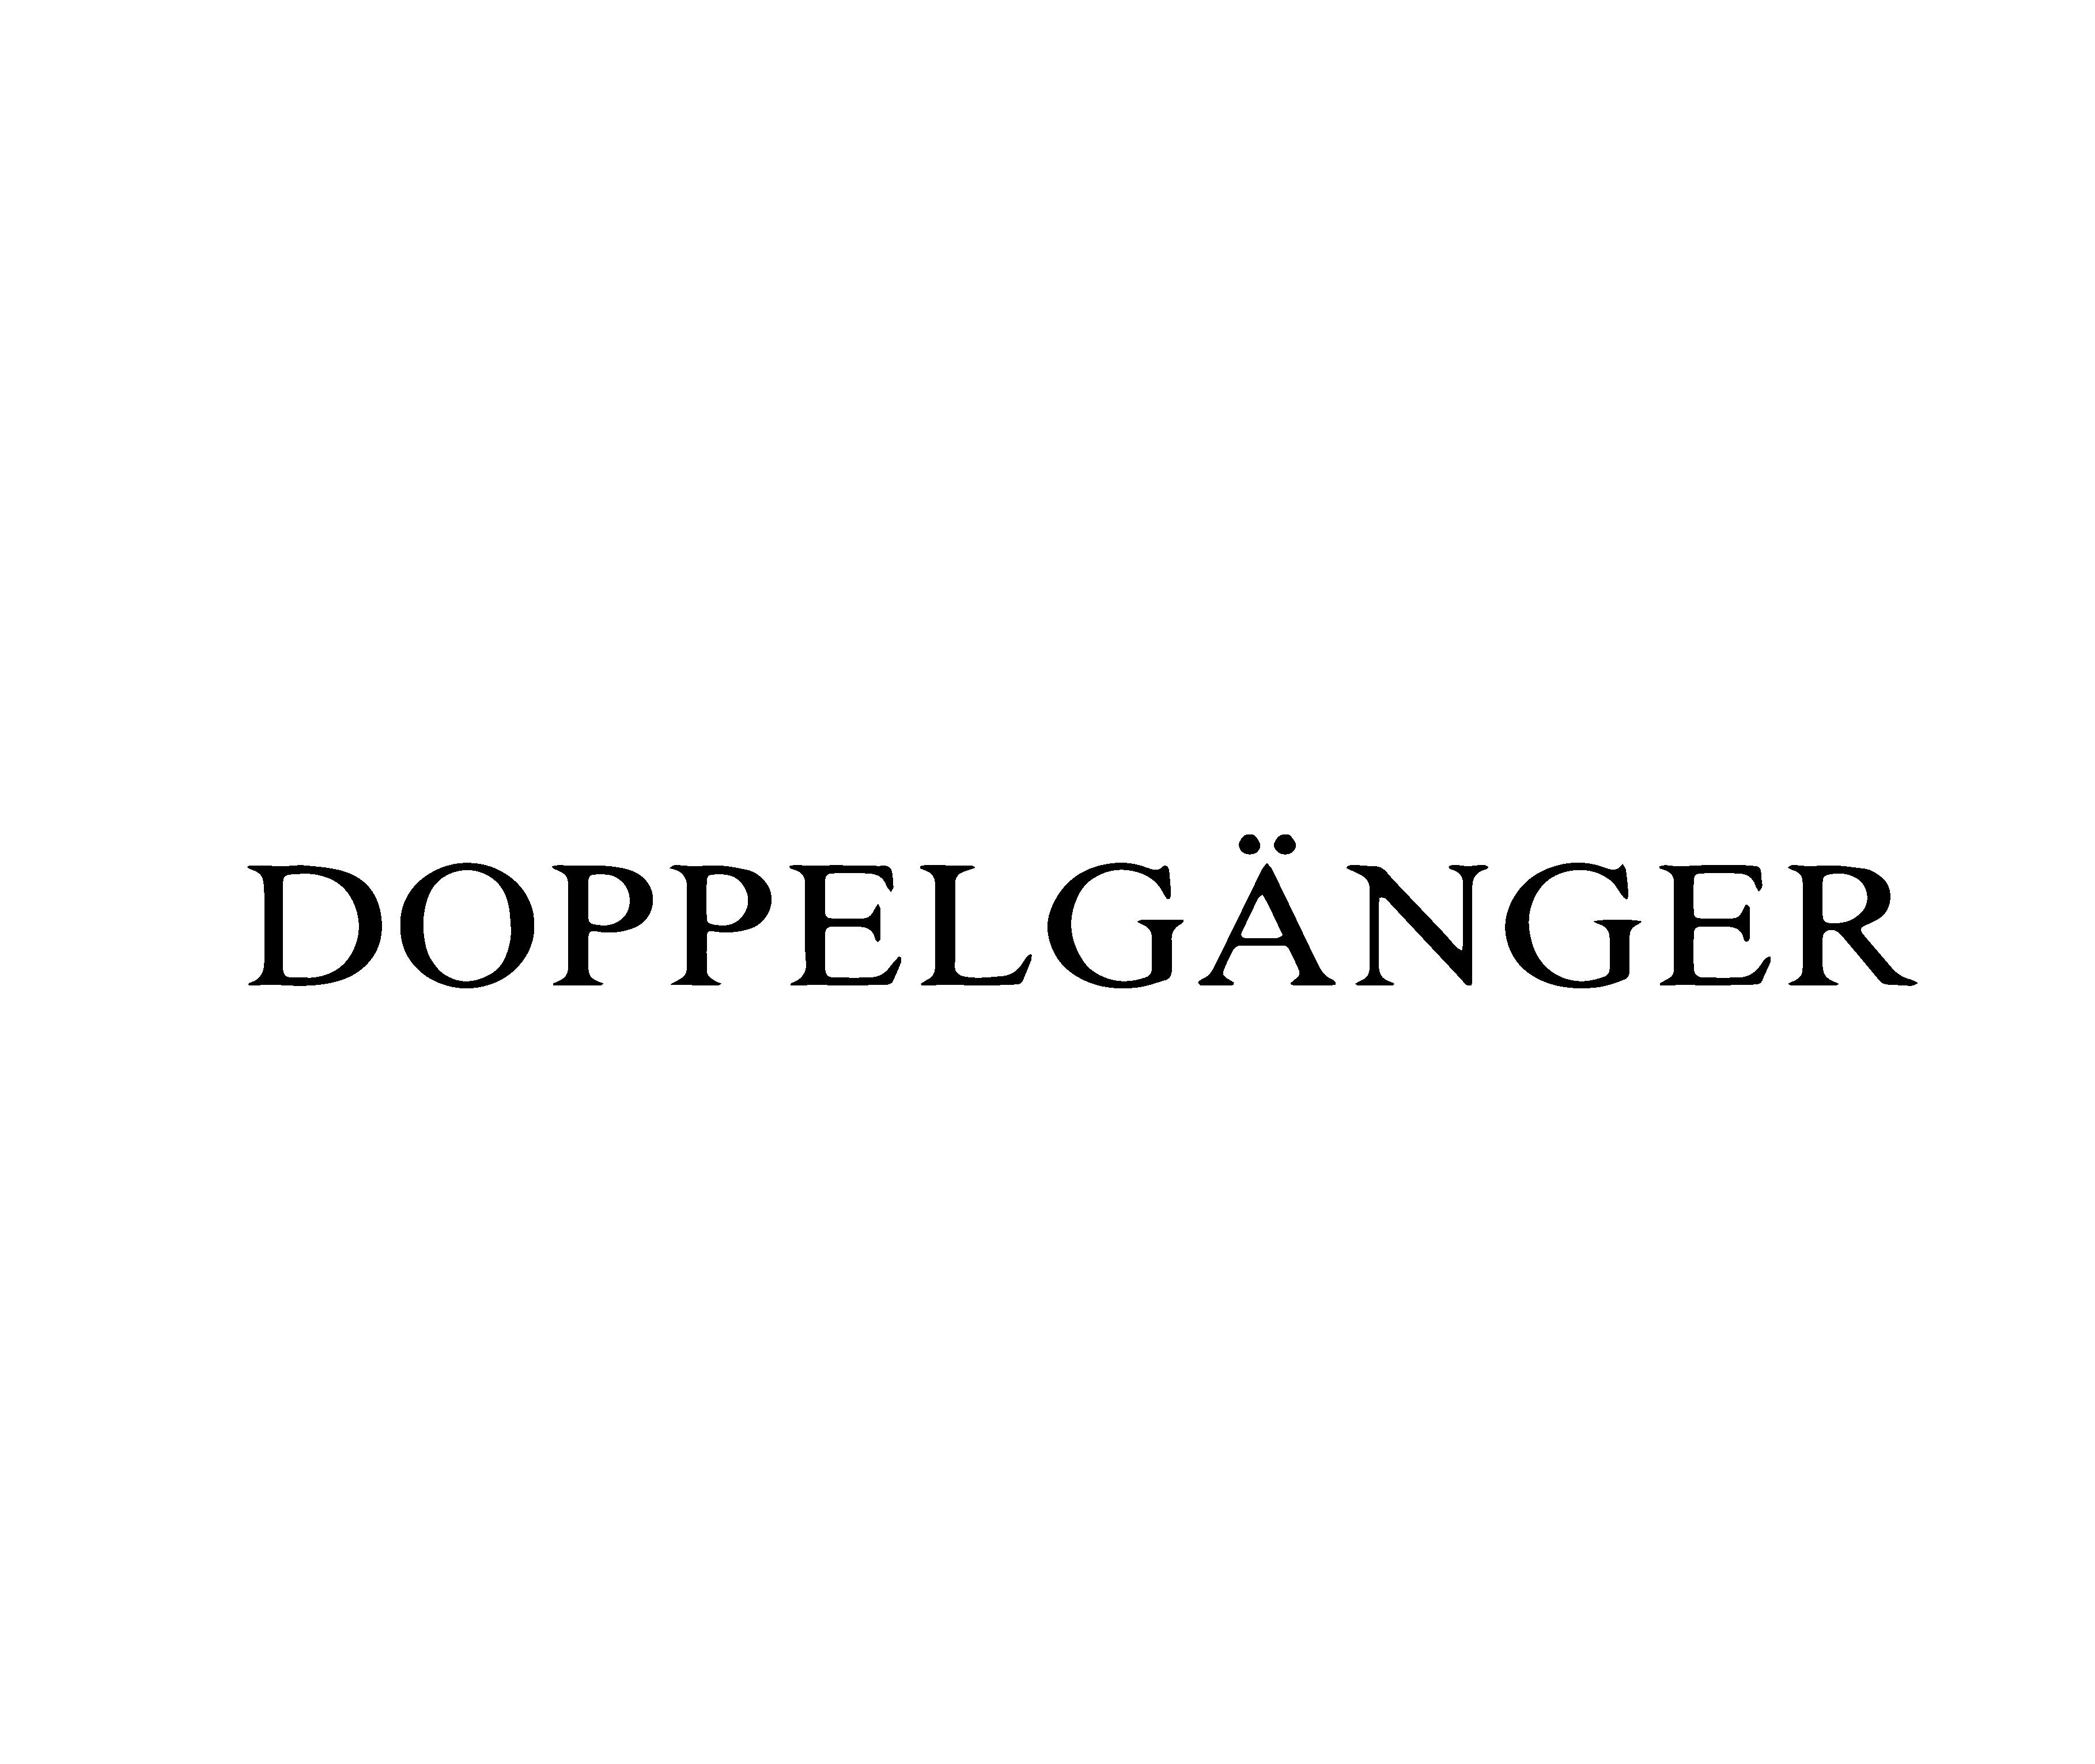 nuovo concetto 3c9b5 a4d60 Doppelgänger - CENTRO*Empoli